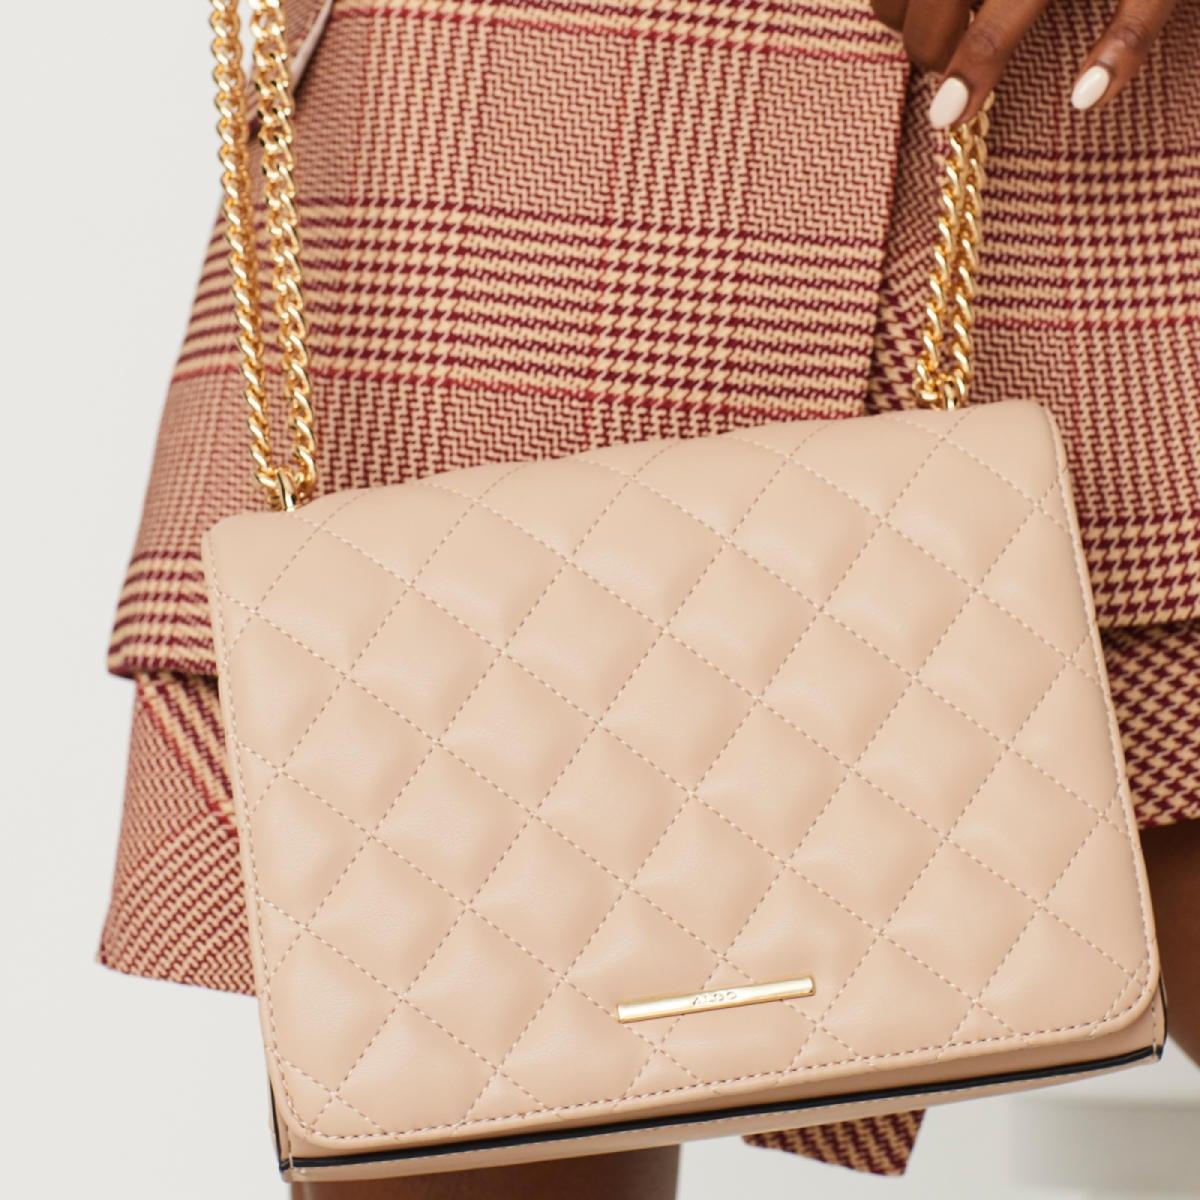 aldo bags ireland shopping 738d7 08208